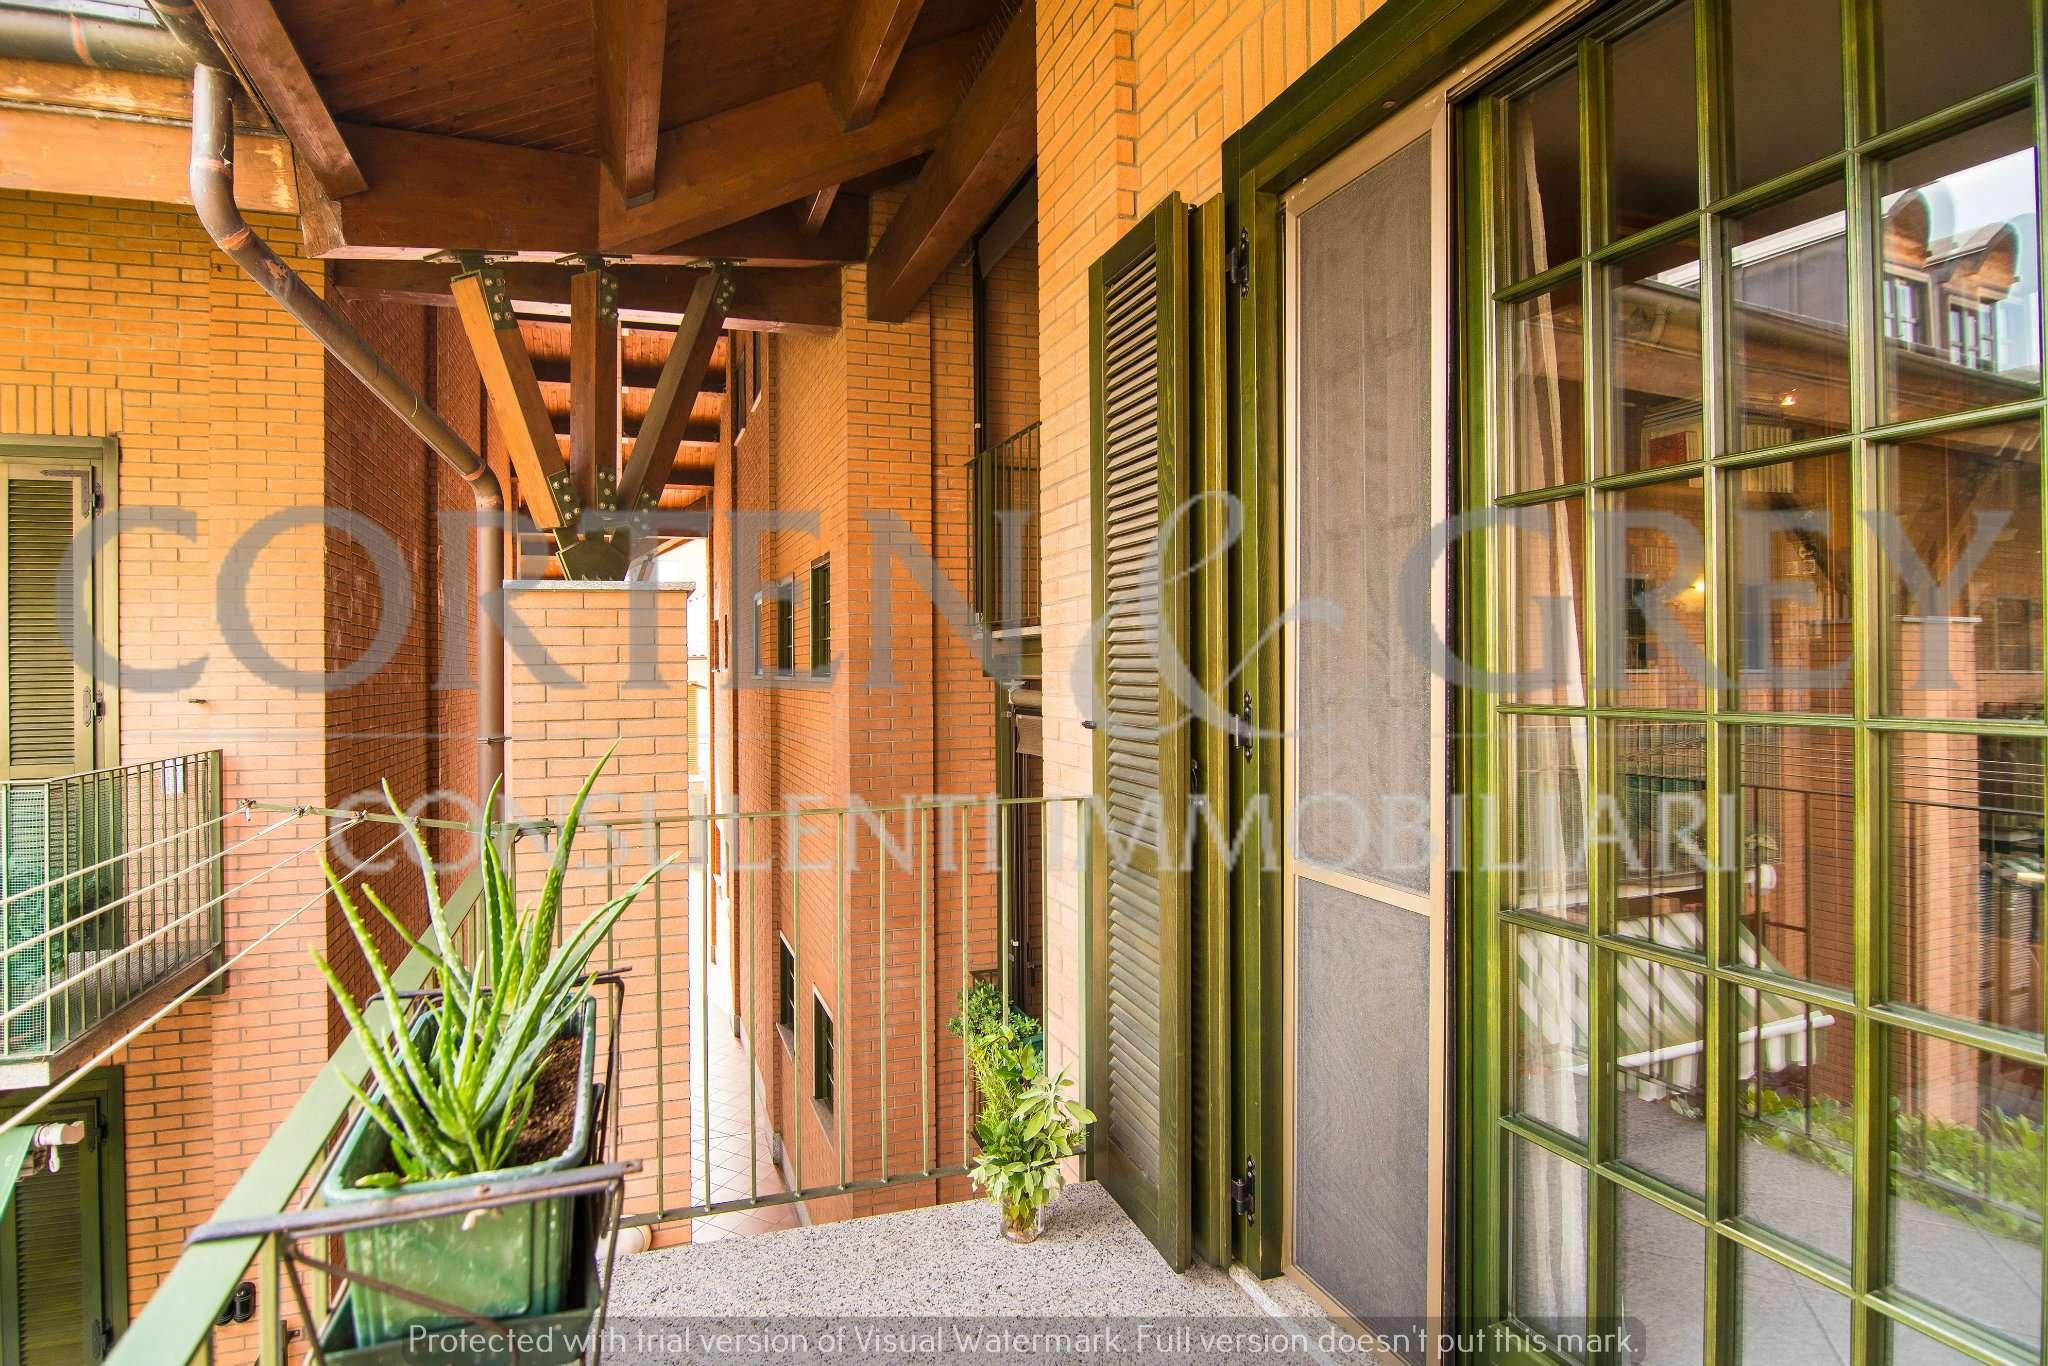 Attico / Mansarda in vendita a San Mauro Torinese, 6 locali, prezzo € 330.000 | PortaleAgenzieImmobiliari.it